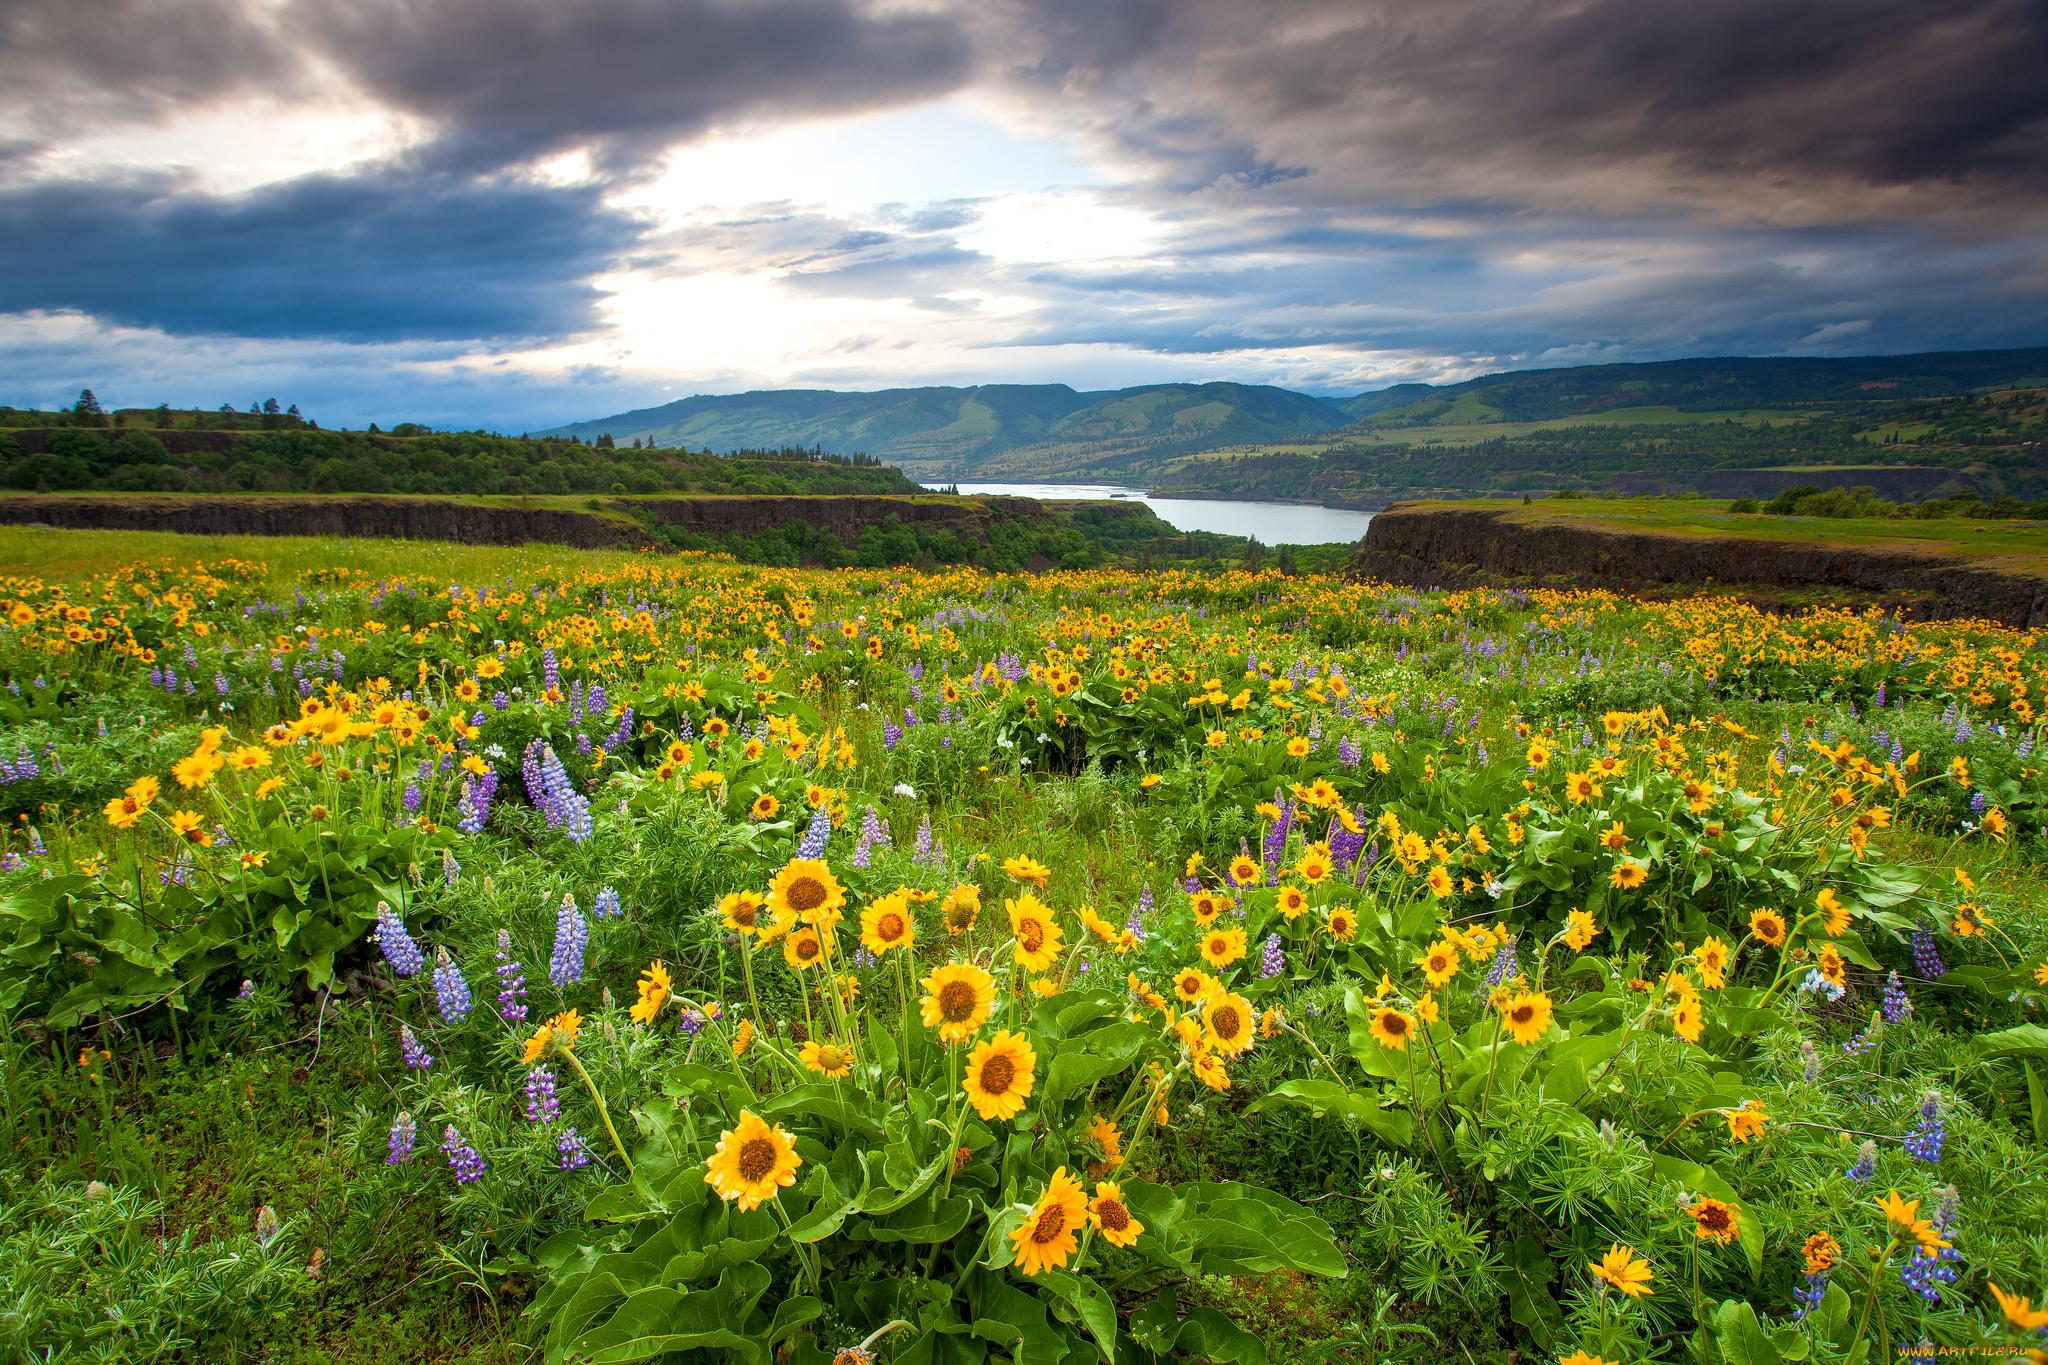 Расставание парня, картинки поля с цветами и речкой